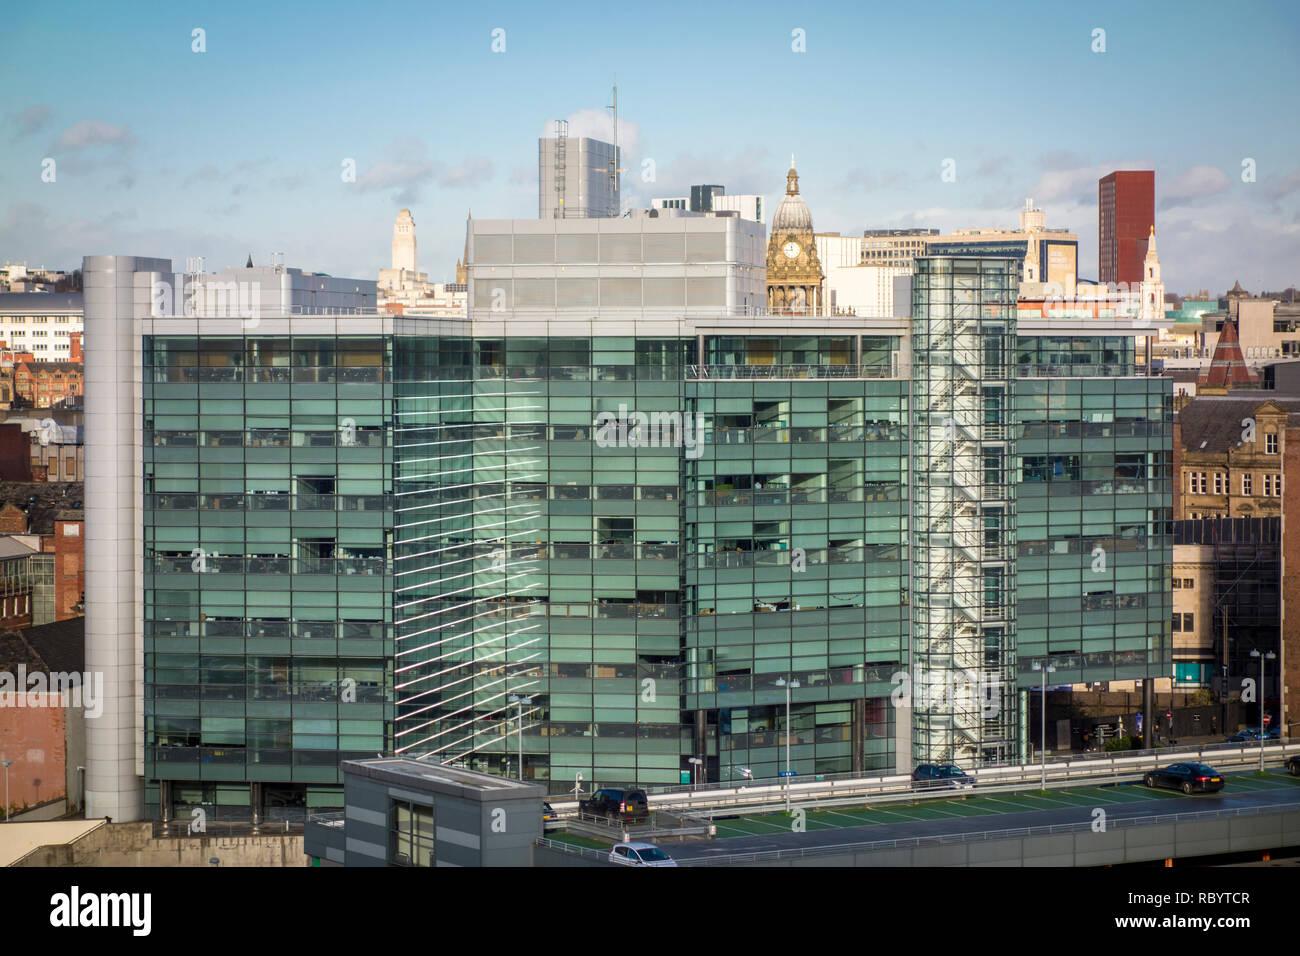 Leeds city skyline, West Yorkshire, UK - Stock Image